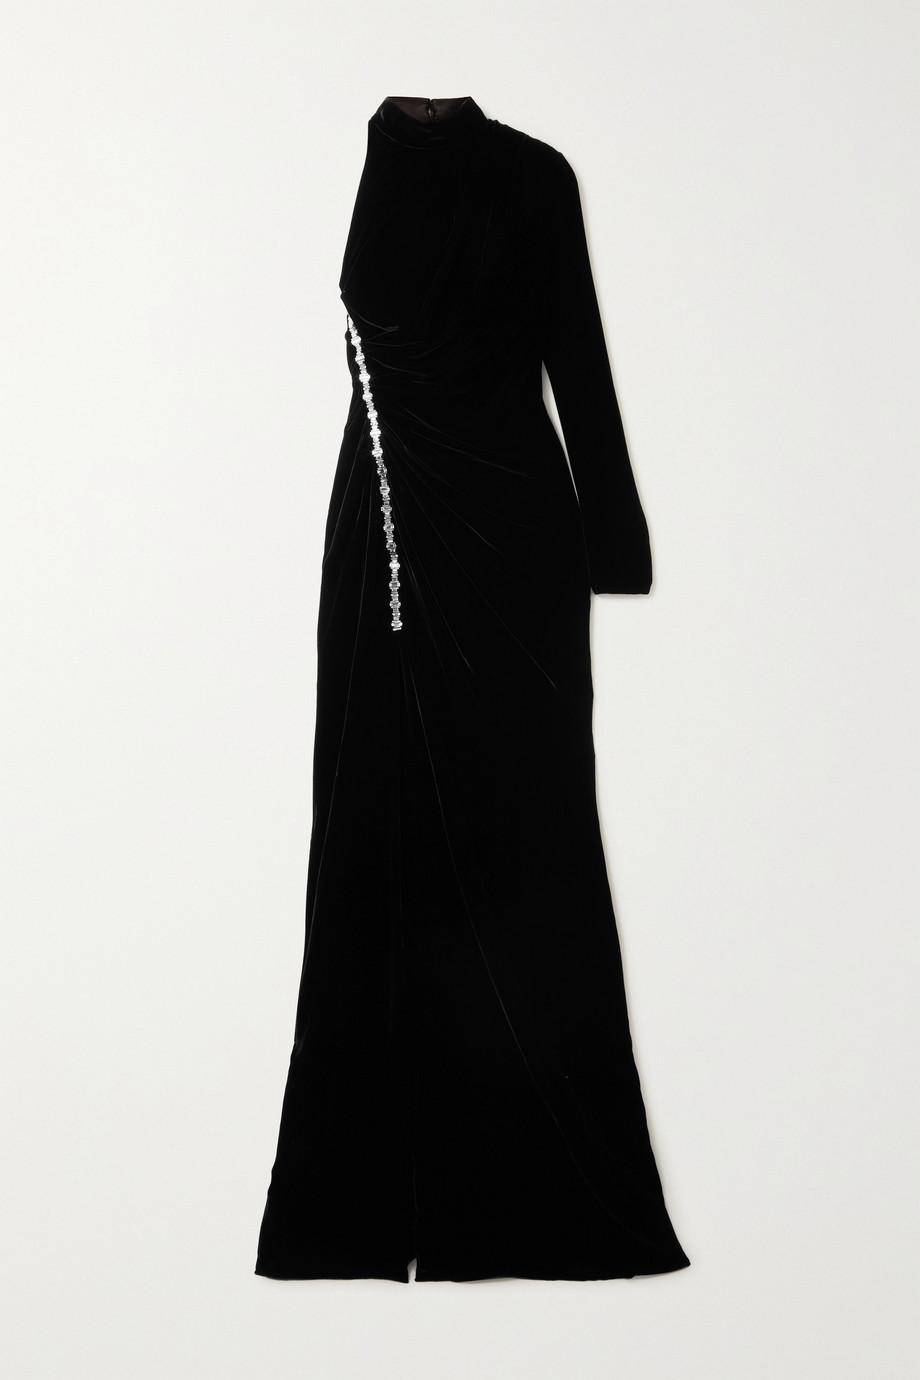 Ralph & Russo Robe aus Samt mit Kristallen und asymmetrischer Schulterpartie